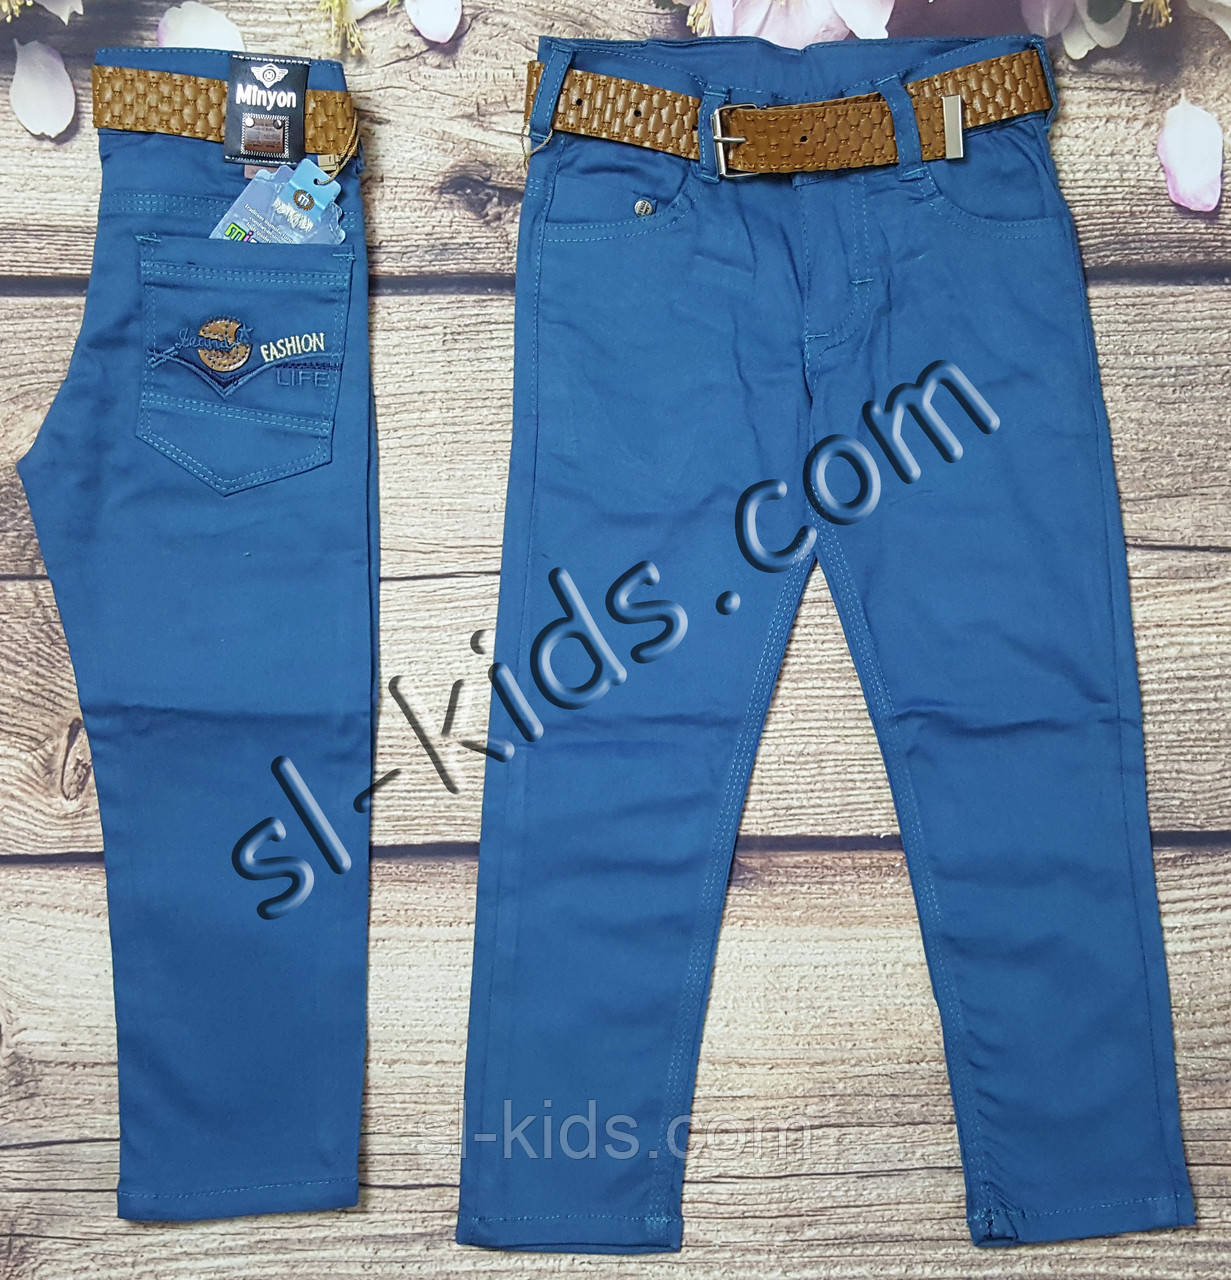 Яркие штаны,джинсы для мальчика 8-12 лет(бирюза) опт пр.Турция